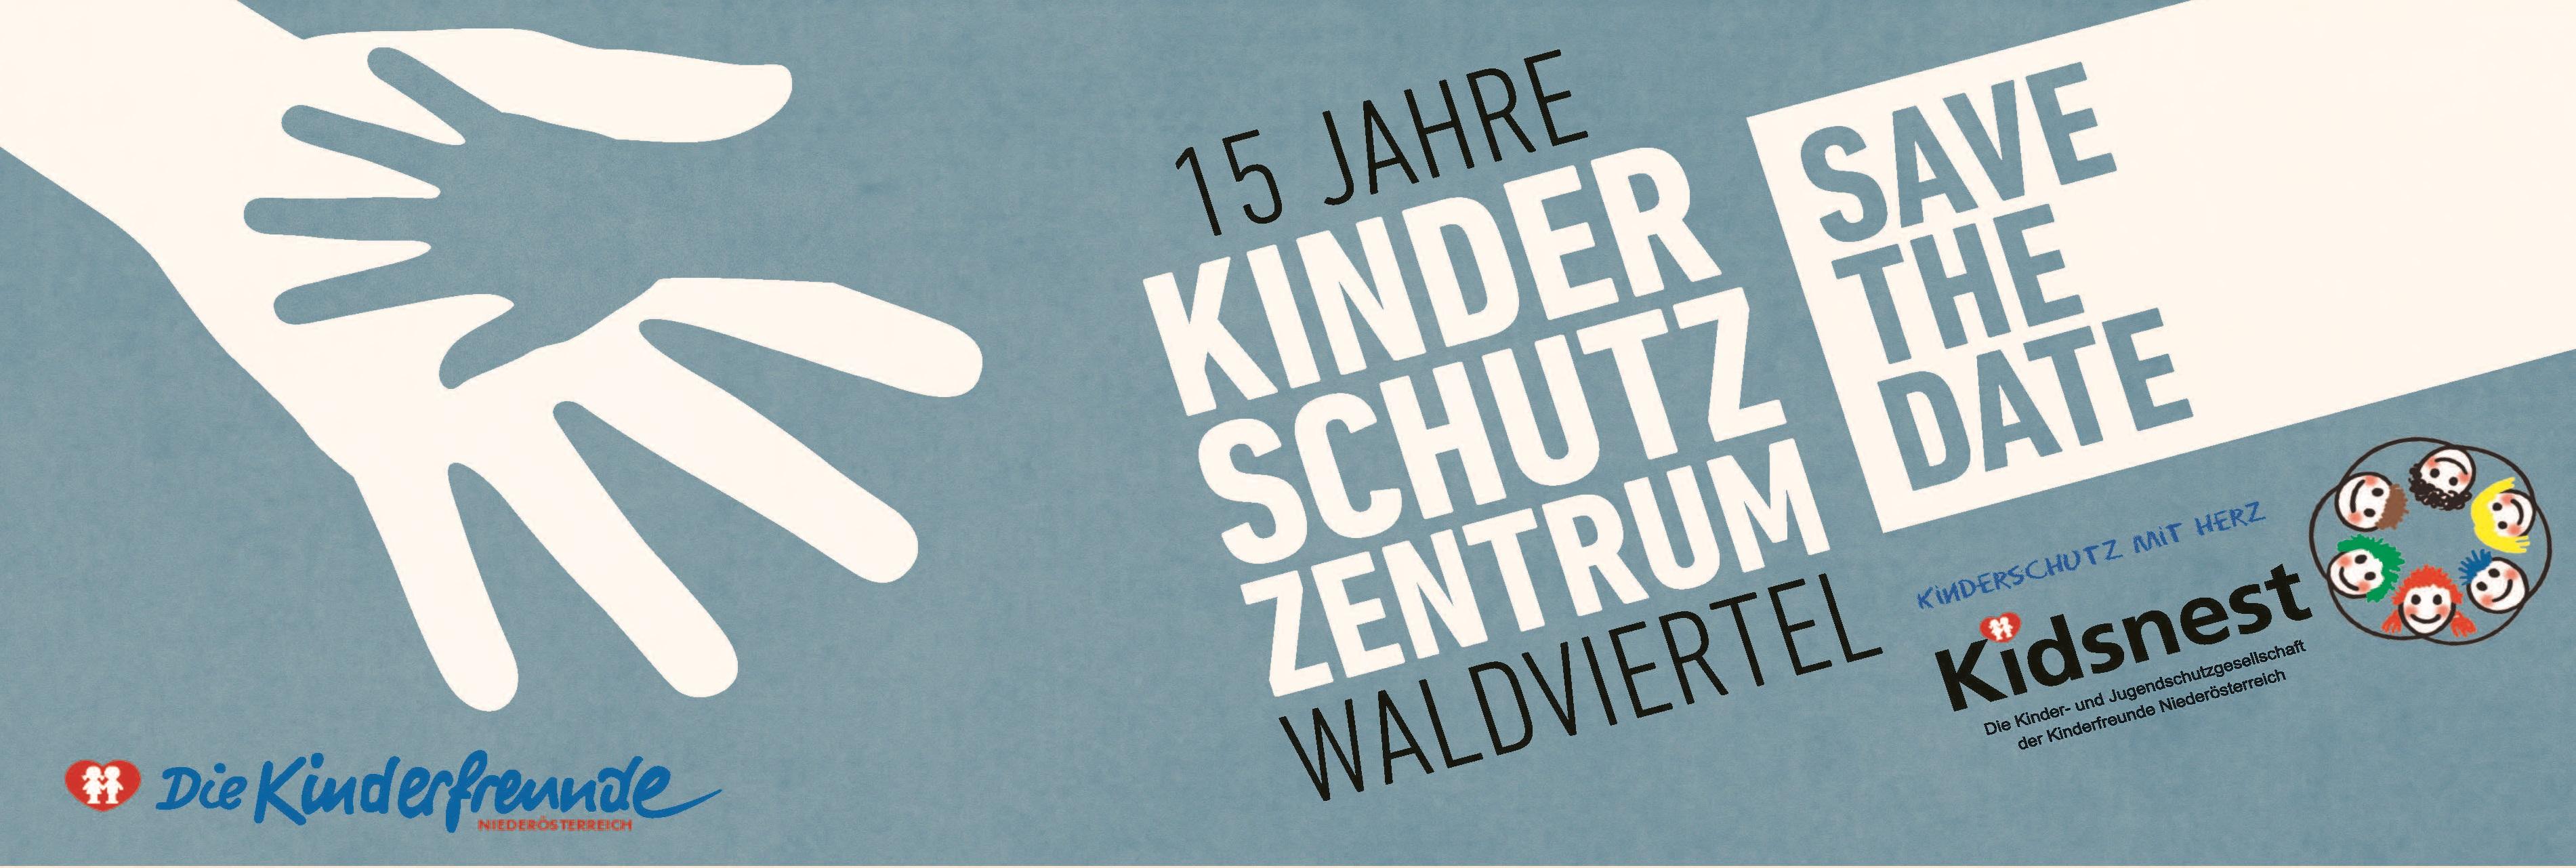 15 Jahre Kinderschutz-Save the date